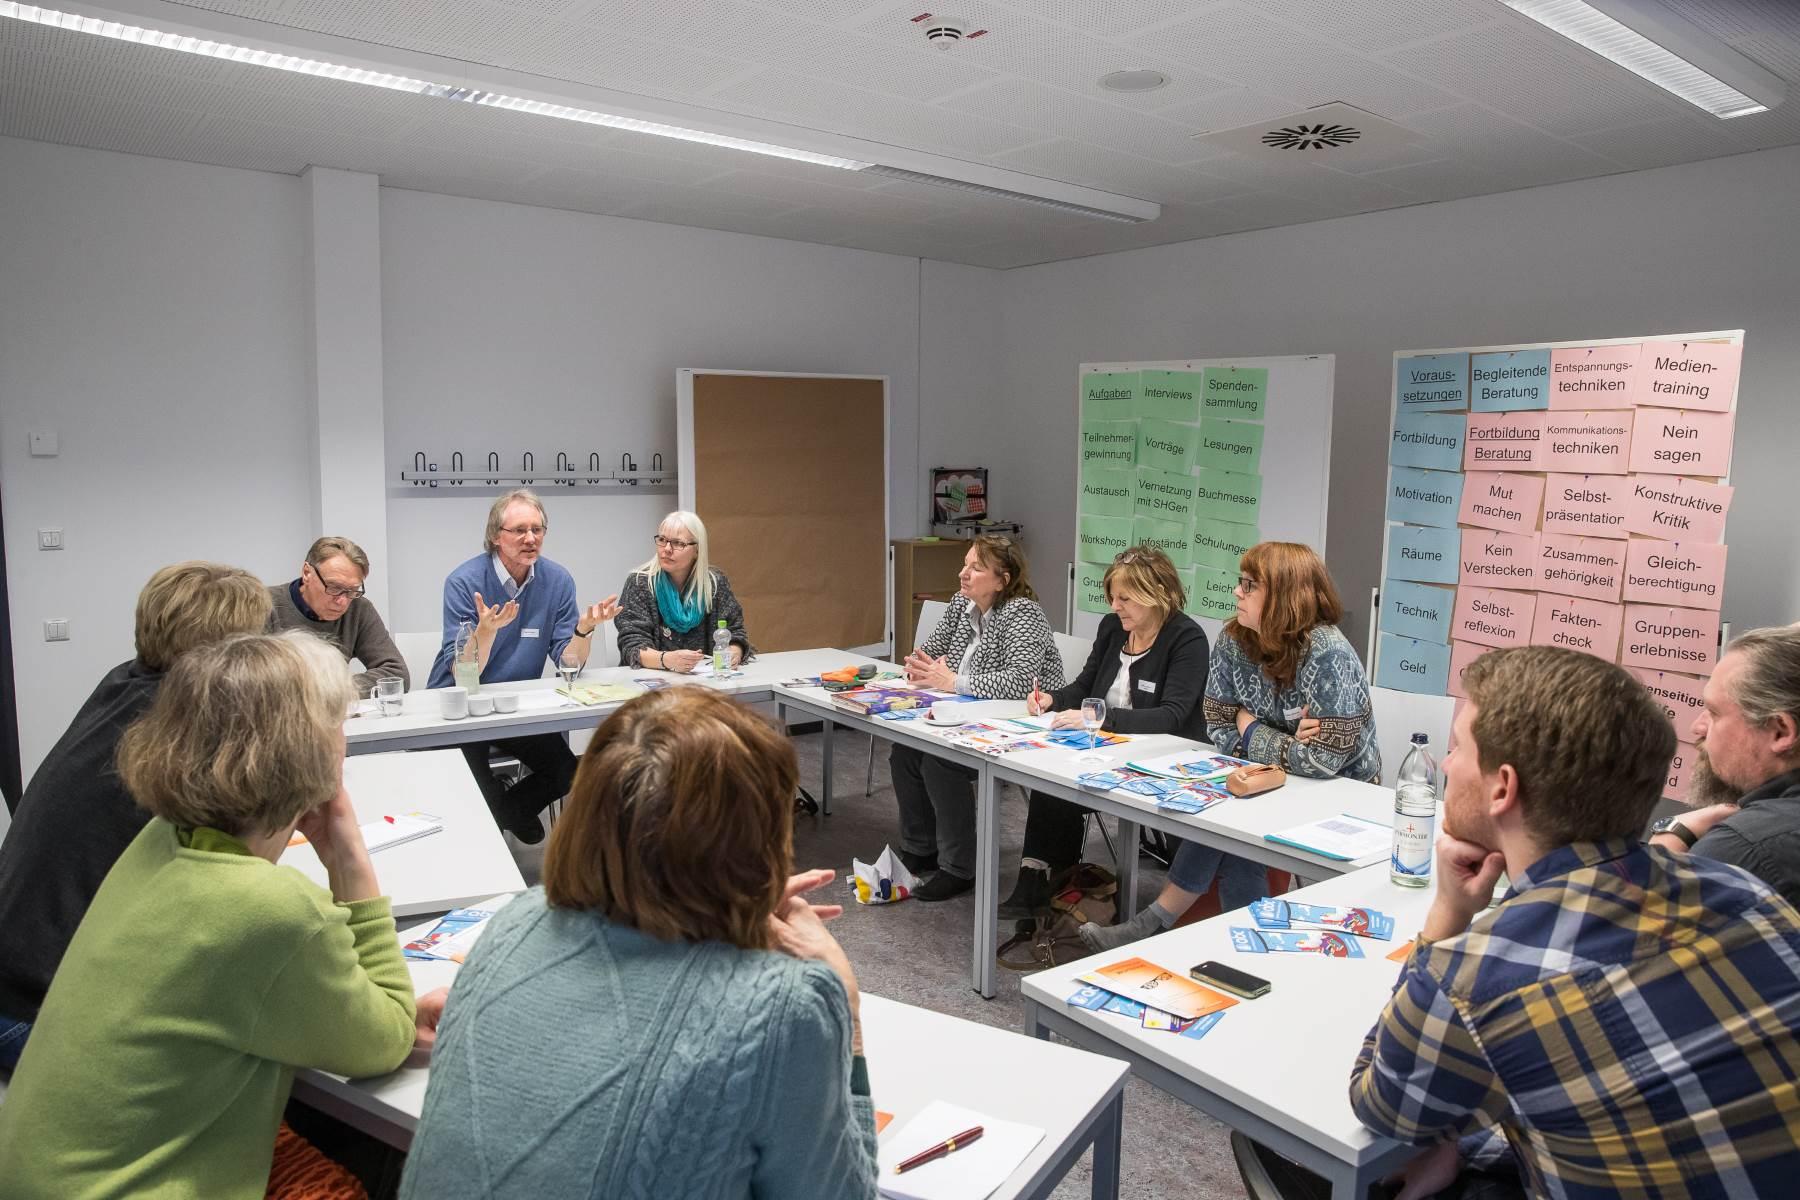 Achim Scholz diskutiert im Workshop über Selbsthilfegruppen | Foto: Axel Herzig